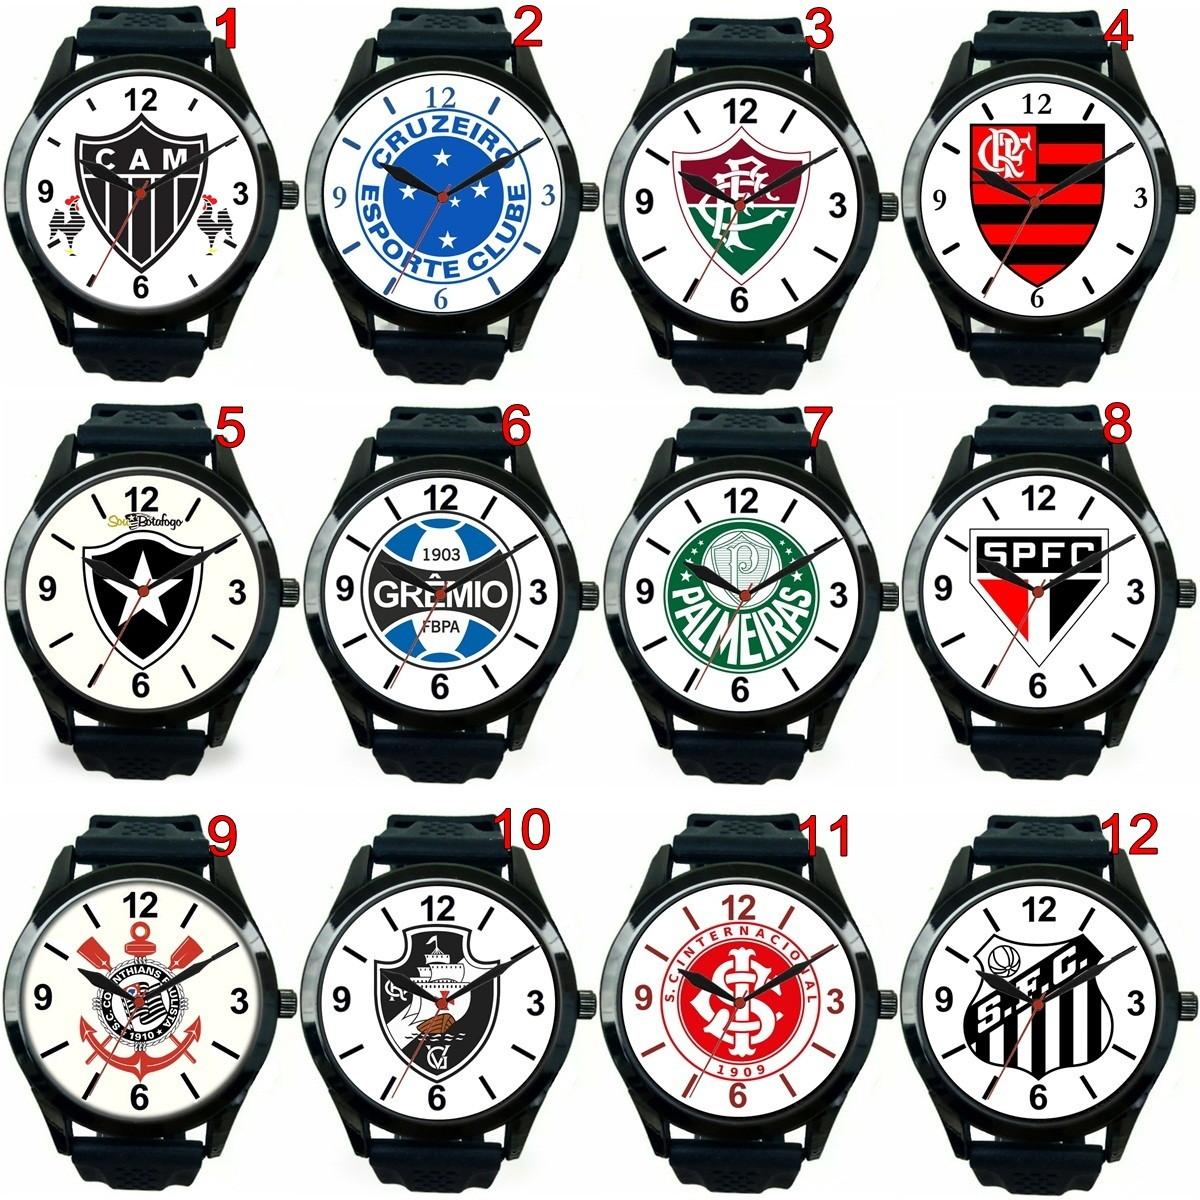 d28ed6816b4 Relogio Pulso Esportivo Personalizado Times Futebol Barato